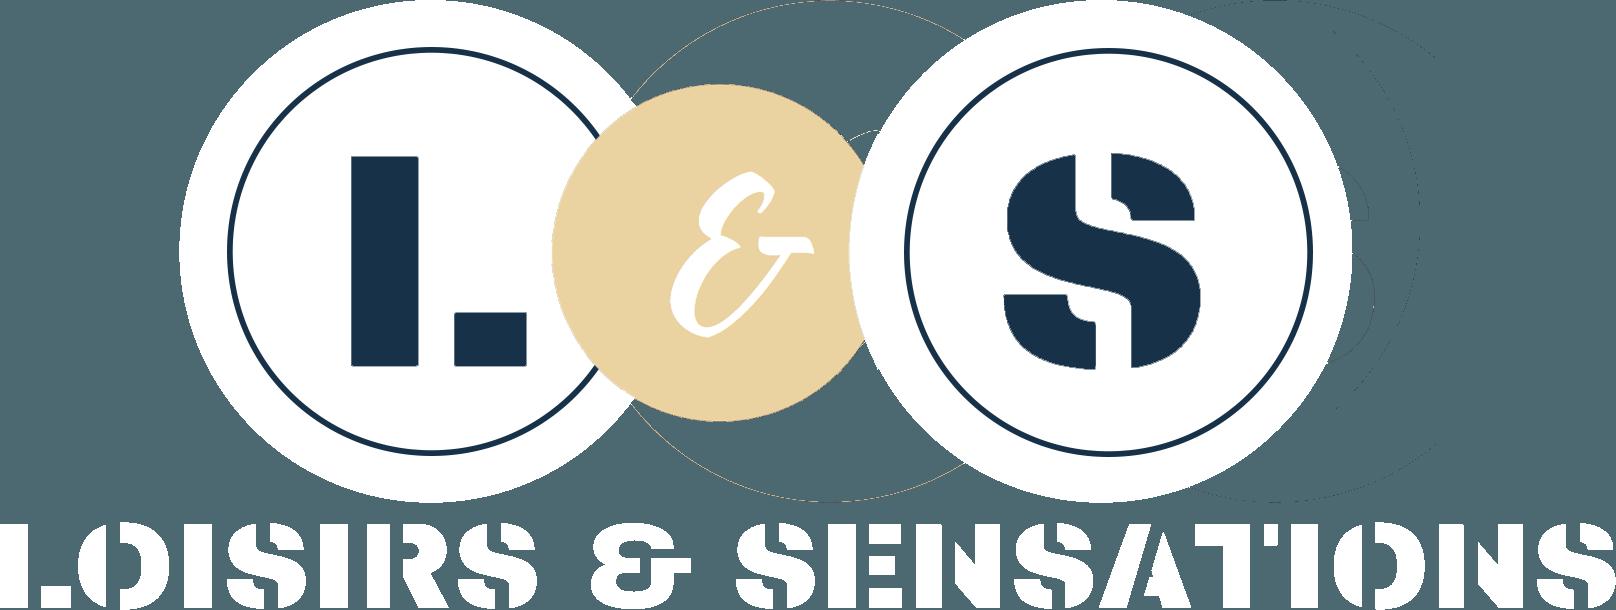 Loisirs & sensations | Annuaire, Blog, événementiel à votre service